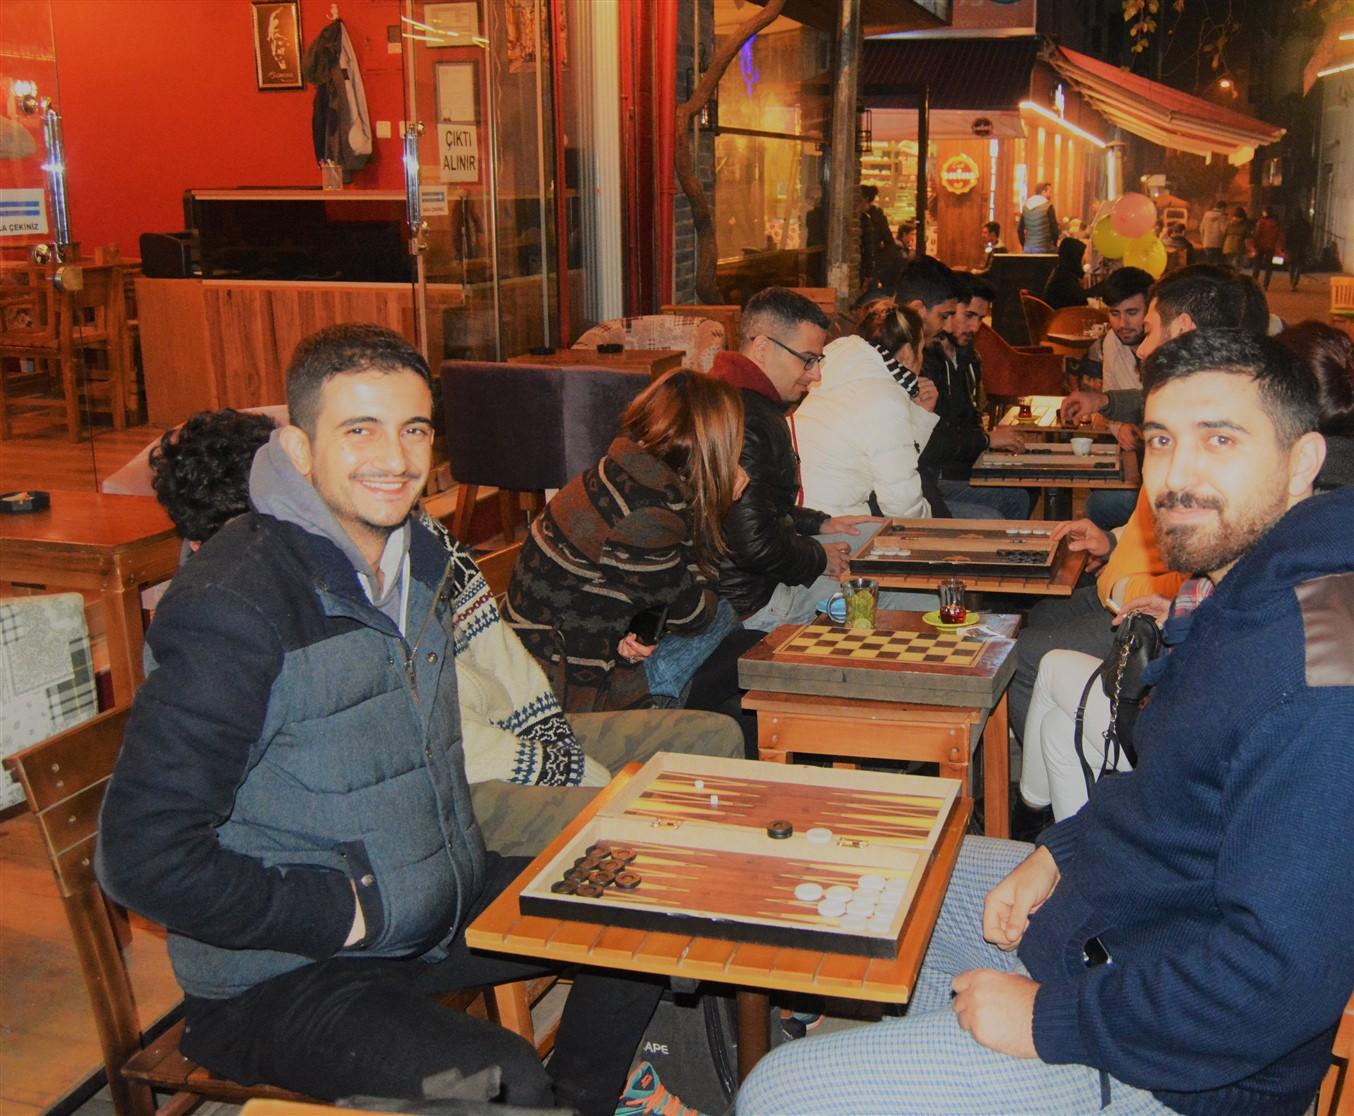 Cafe in (17)